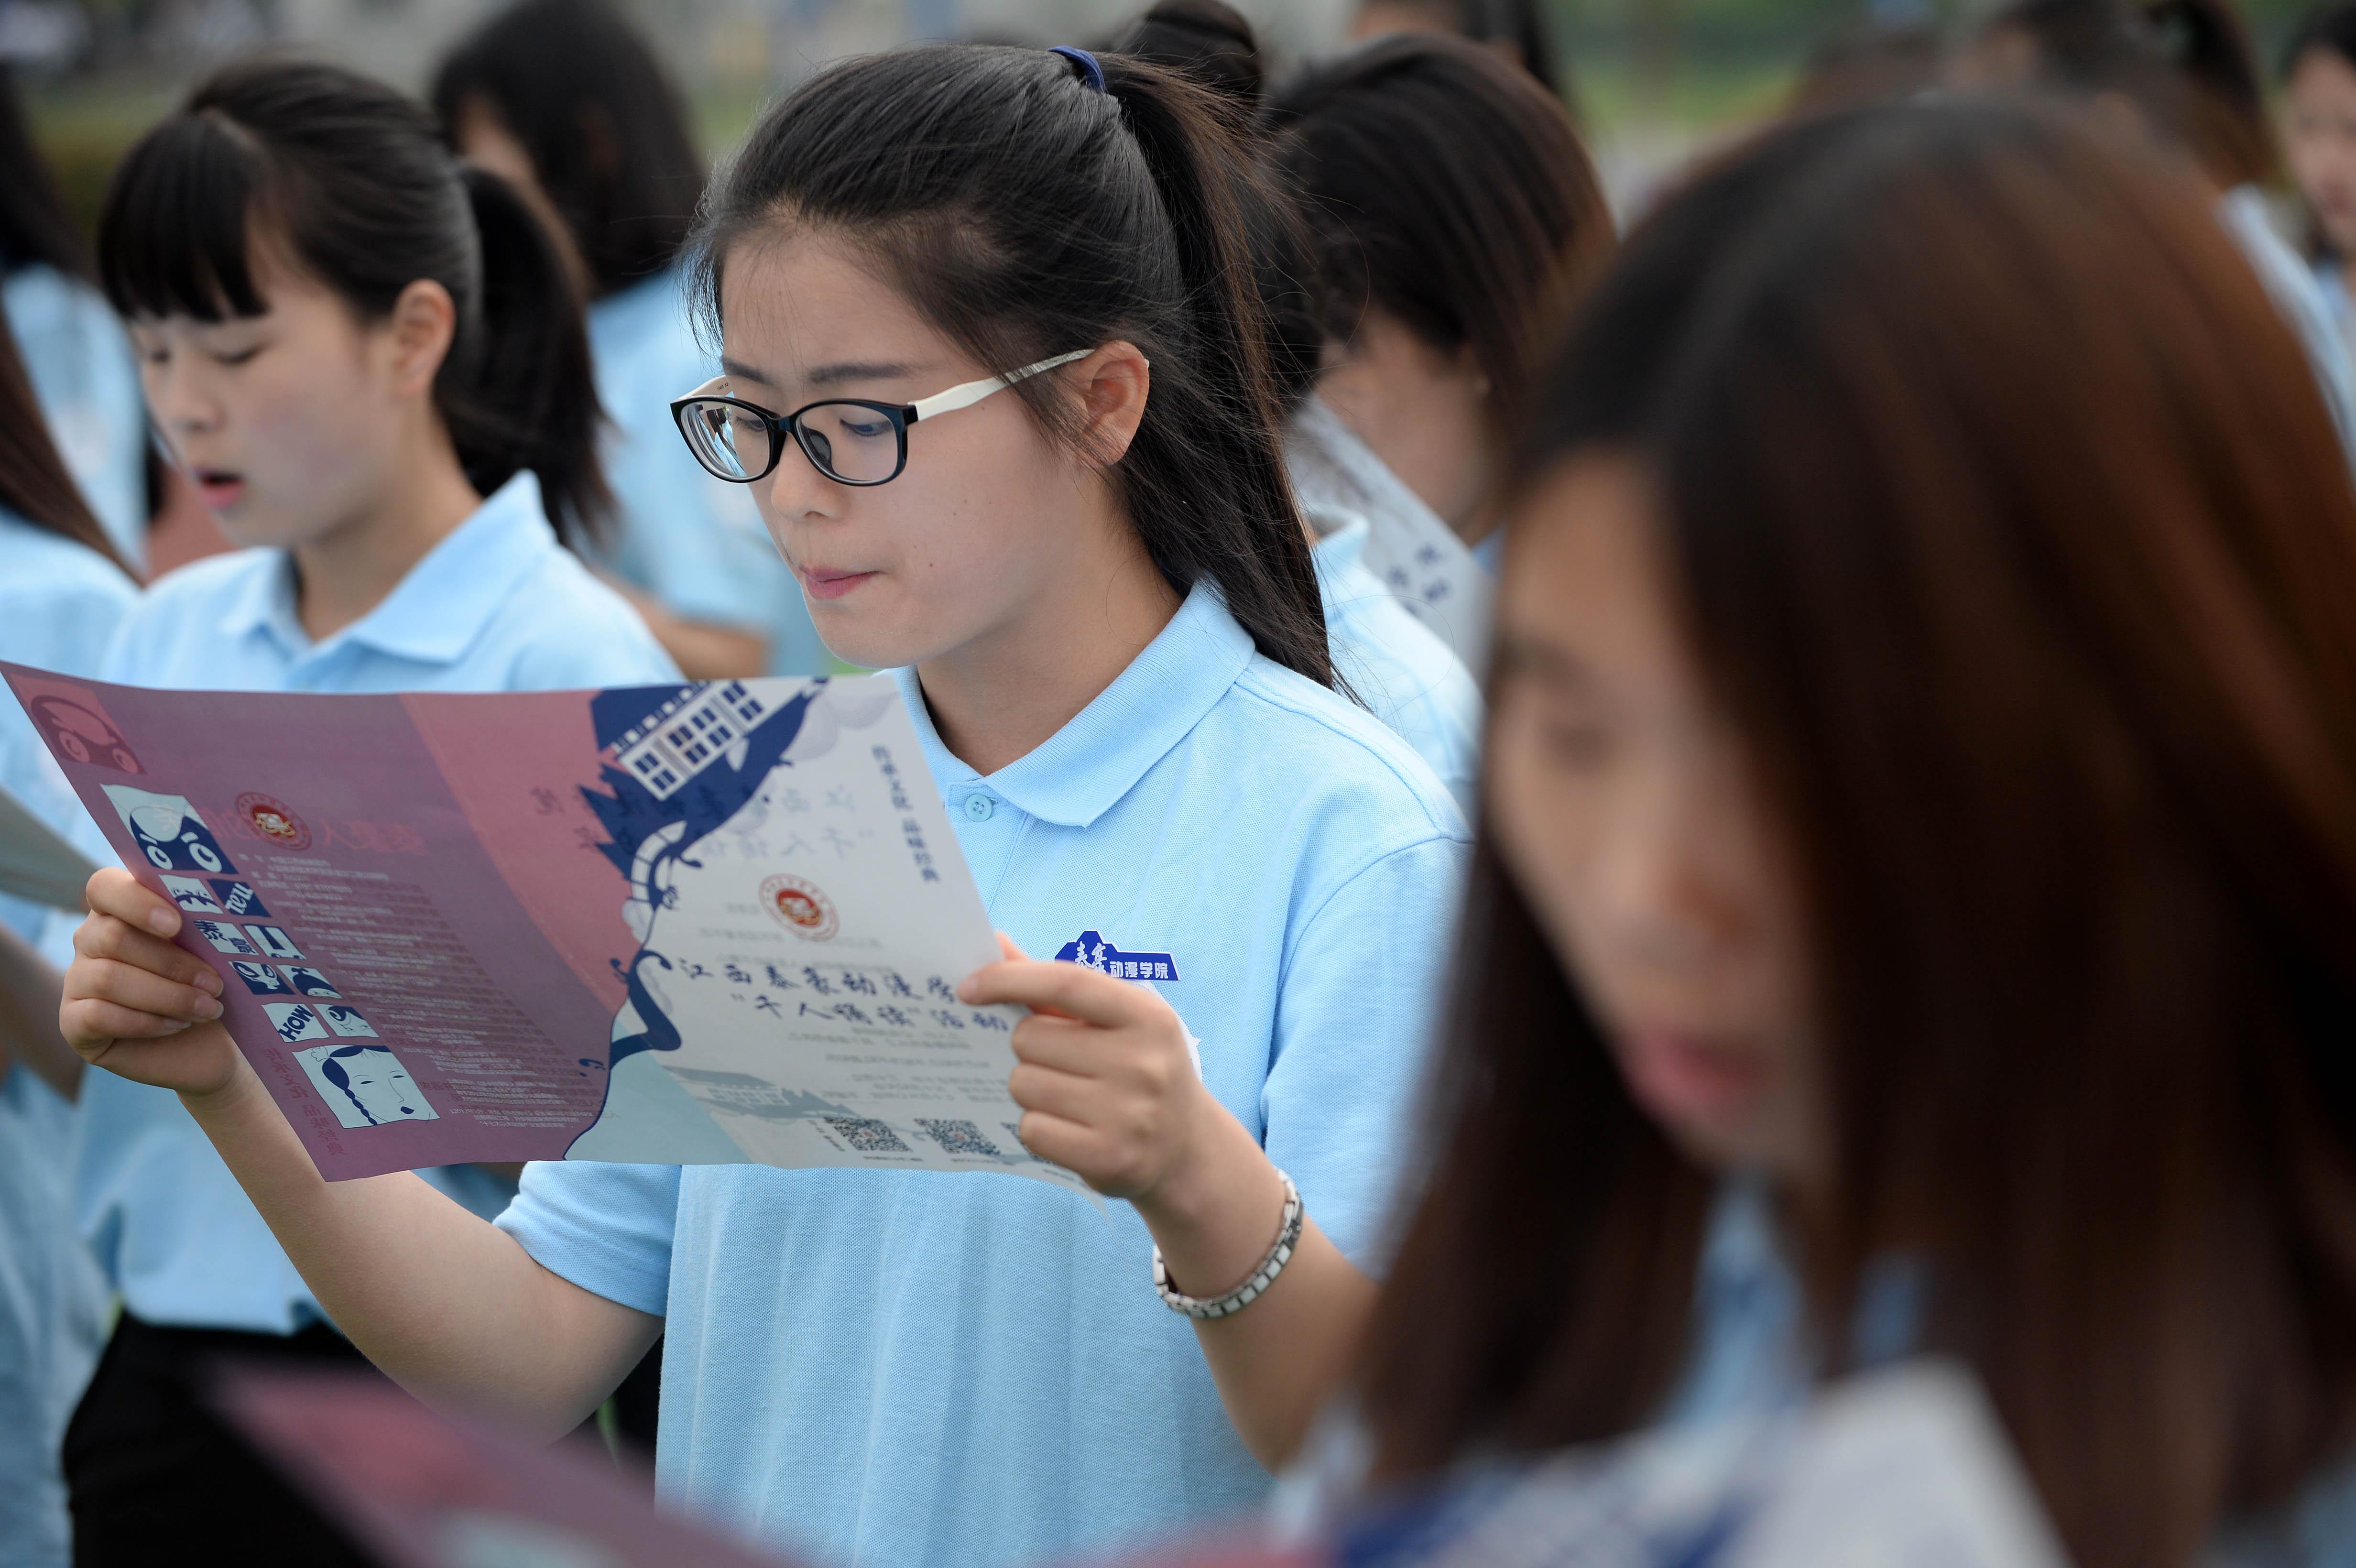 江西南昌:千人诵读迎读书日